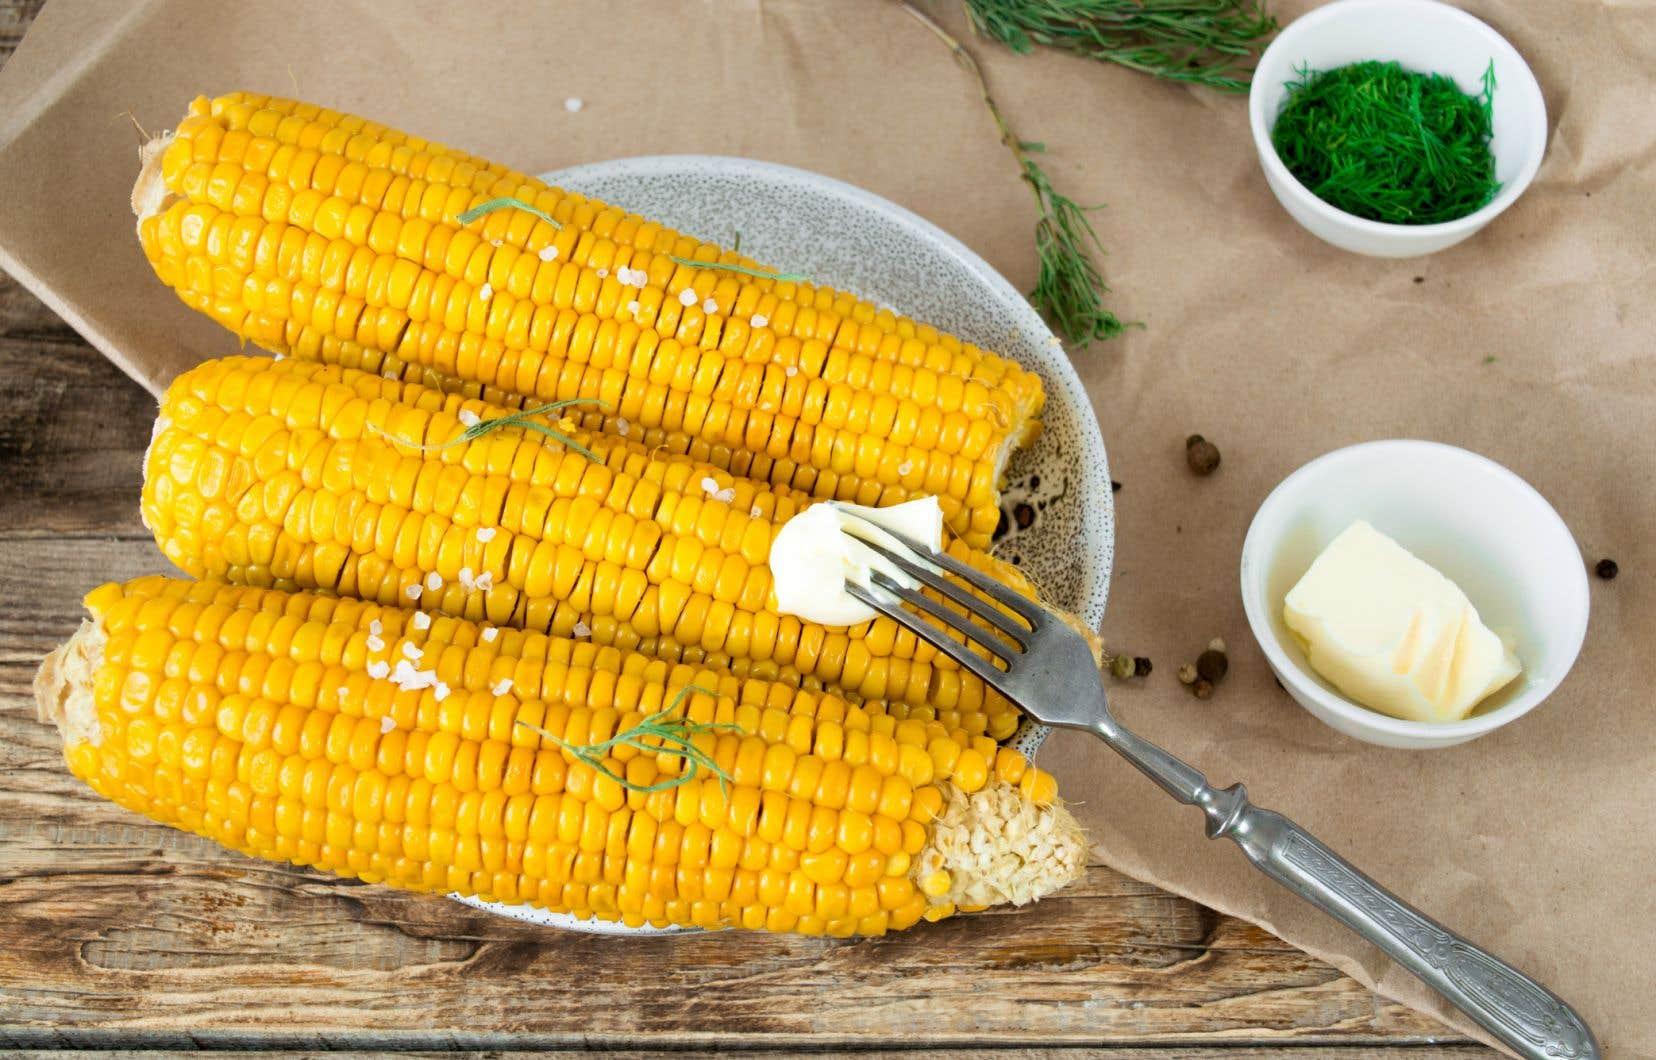 C'est la saison des épluchettes: on sort la marmite, on rassemble les amis, on met la main sur du bon blé d'Inde frais du jour et on sort le sel ainsi que le beurre.